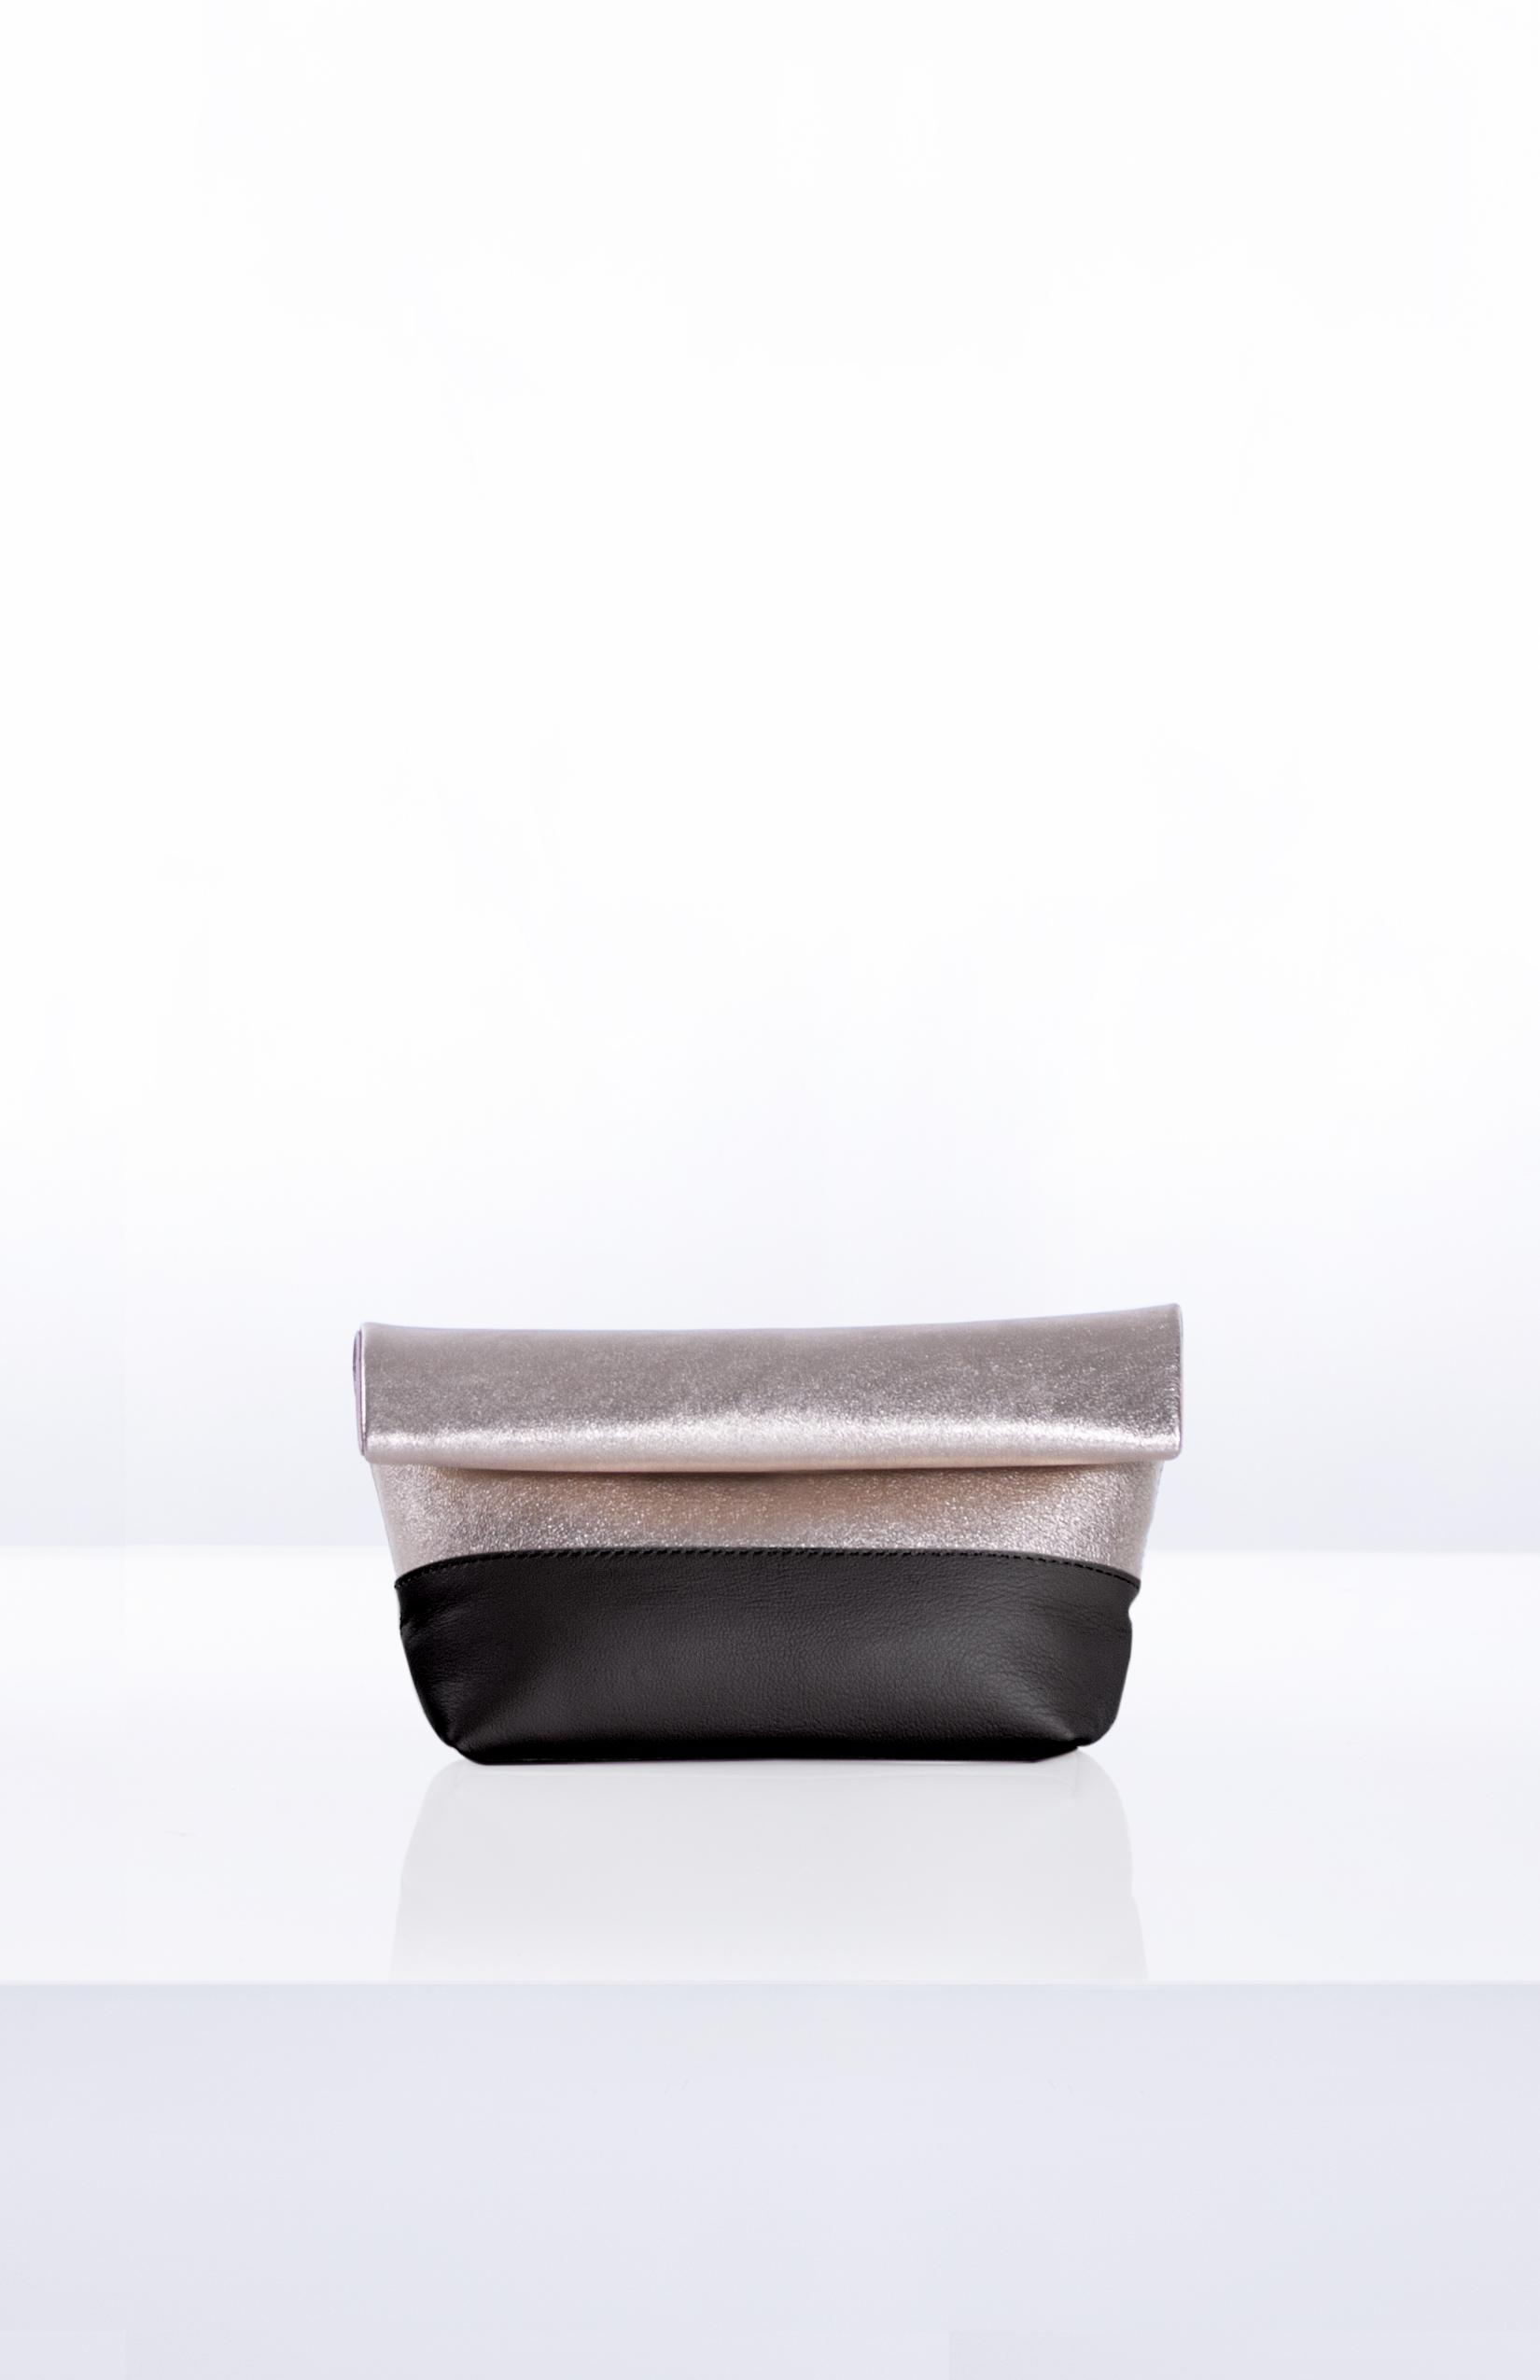 LUNA ROLLDOWN CLUTCH- Gold + Black